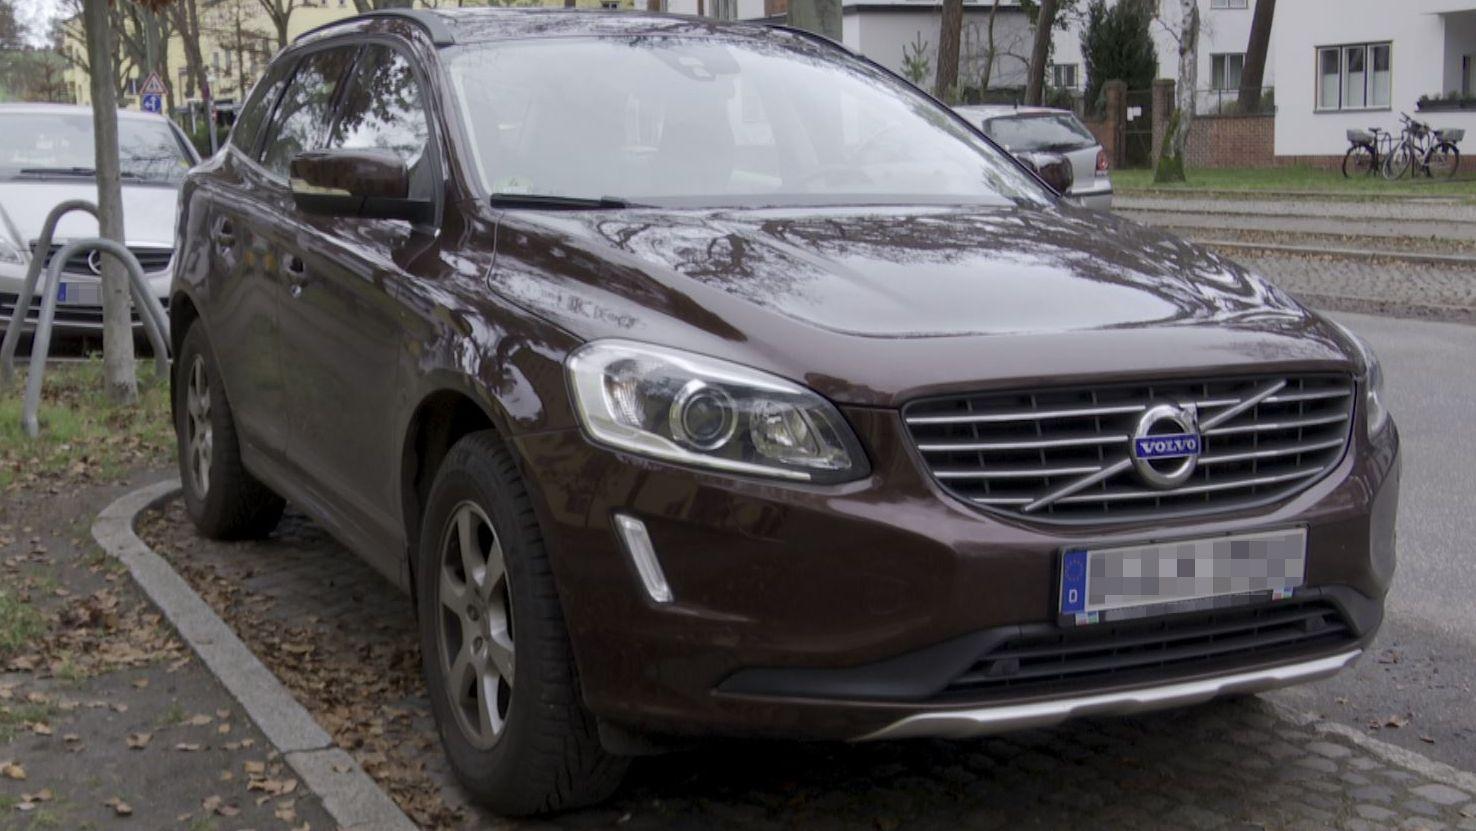 Neue Abgasmessung: Volvo-Diesel zwölffach über Grenzwert